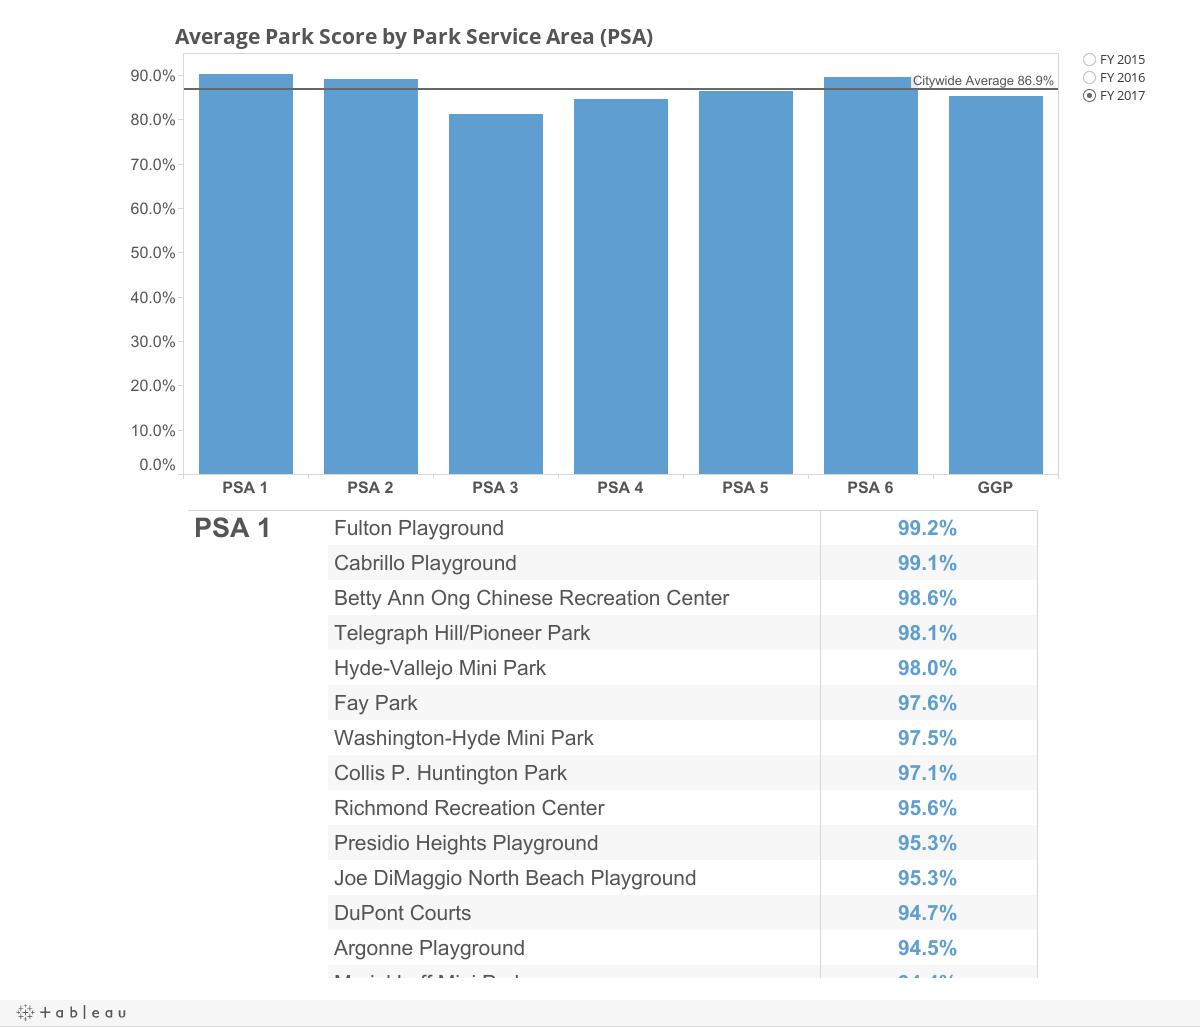 Parks PSA Averages